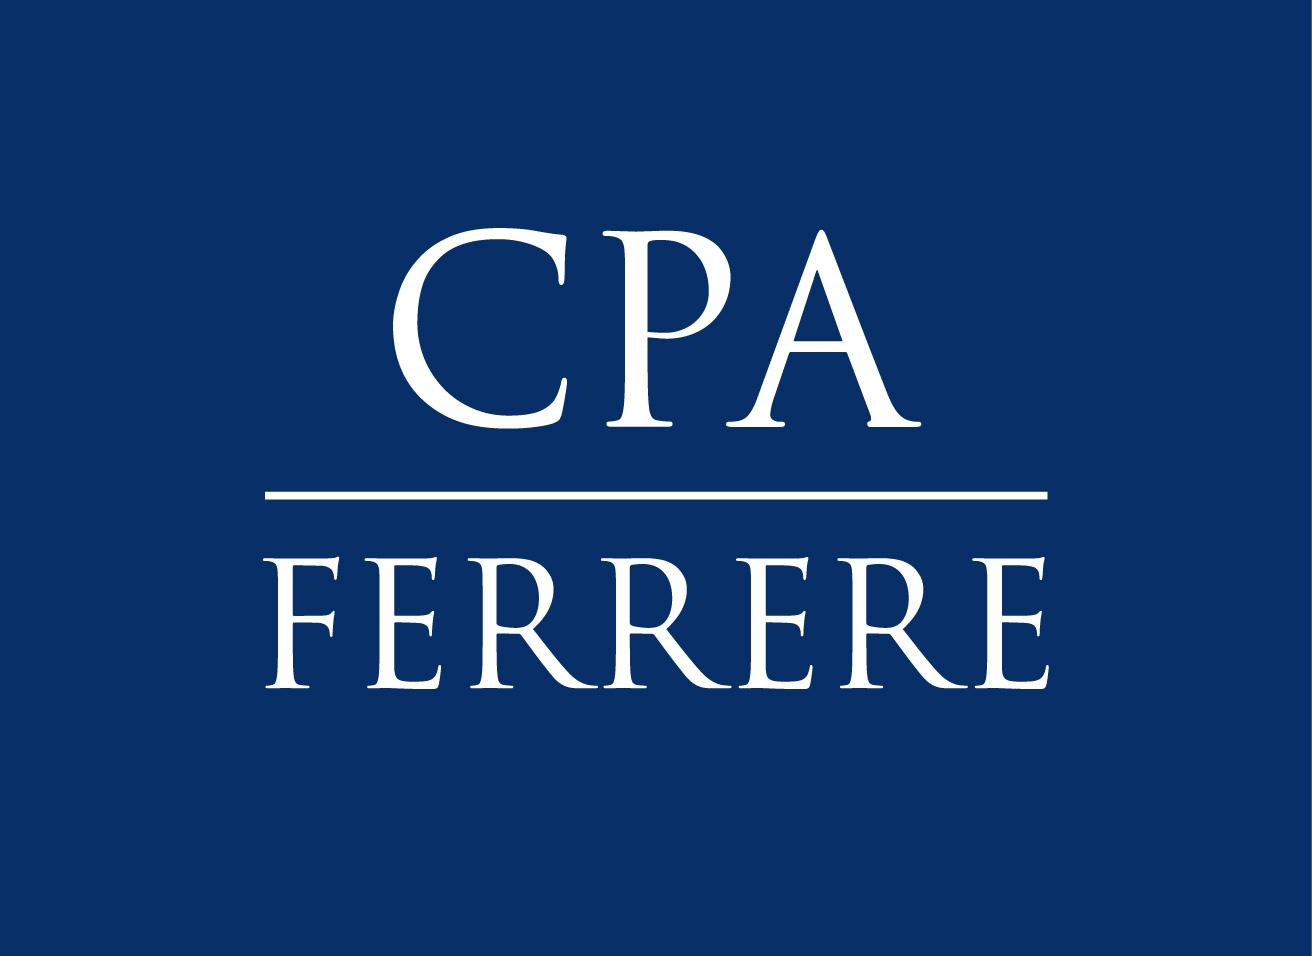 01CPA Ferrere